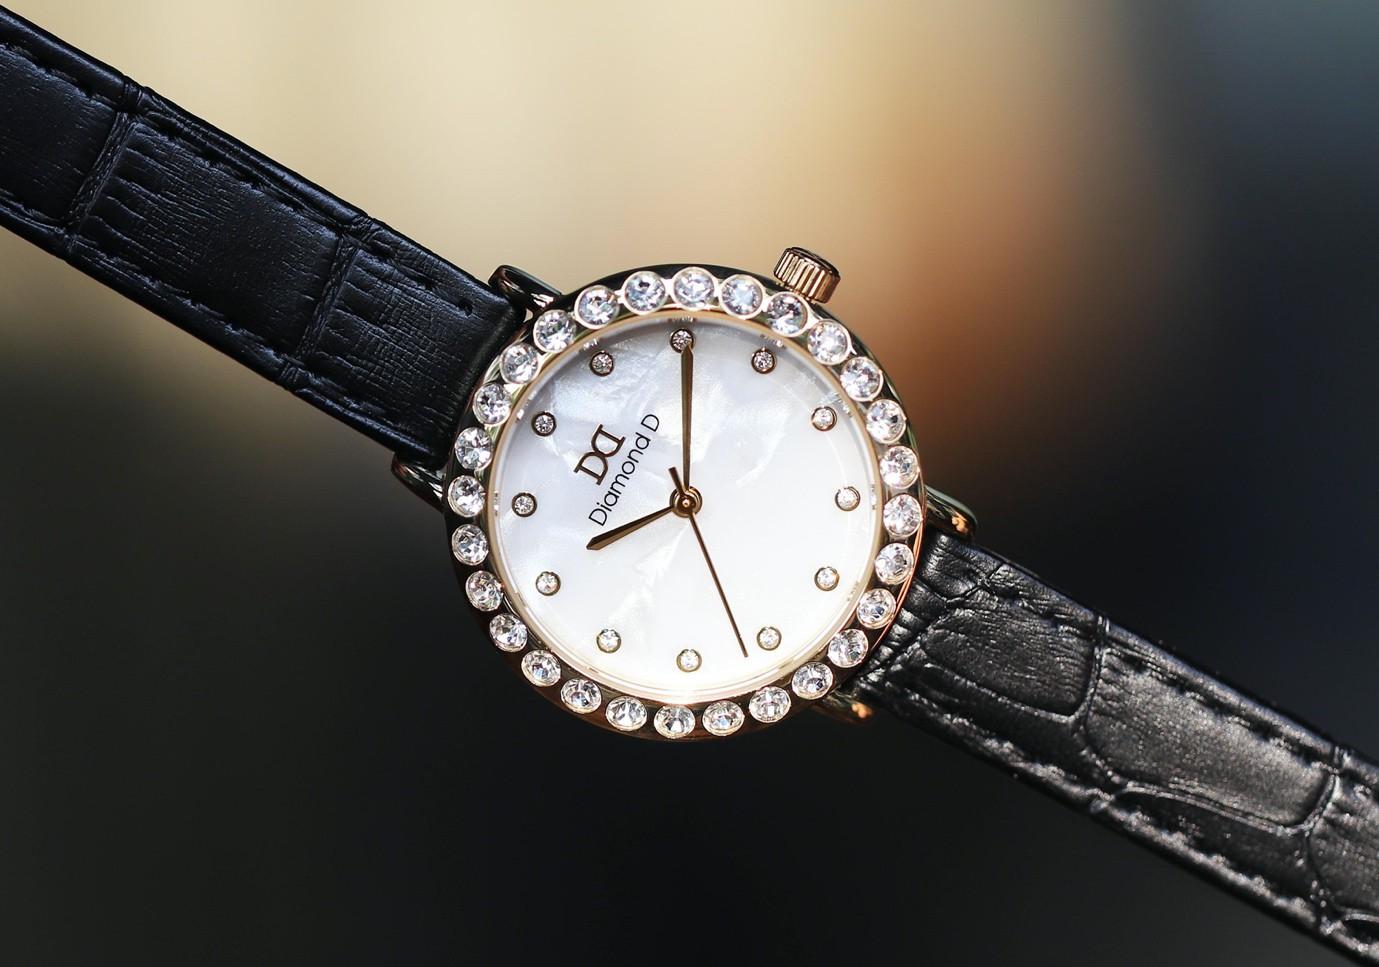 Đăng Quang Watch giảm giá lên đến 30% kèm nhiều ưu đãi hấp dẫn dịp 20/10 - Ảnh 1.